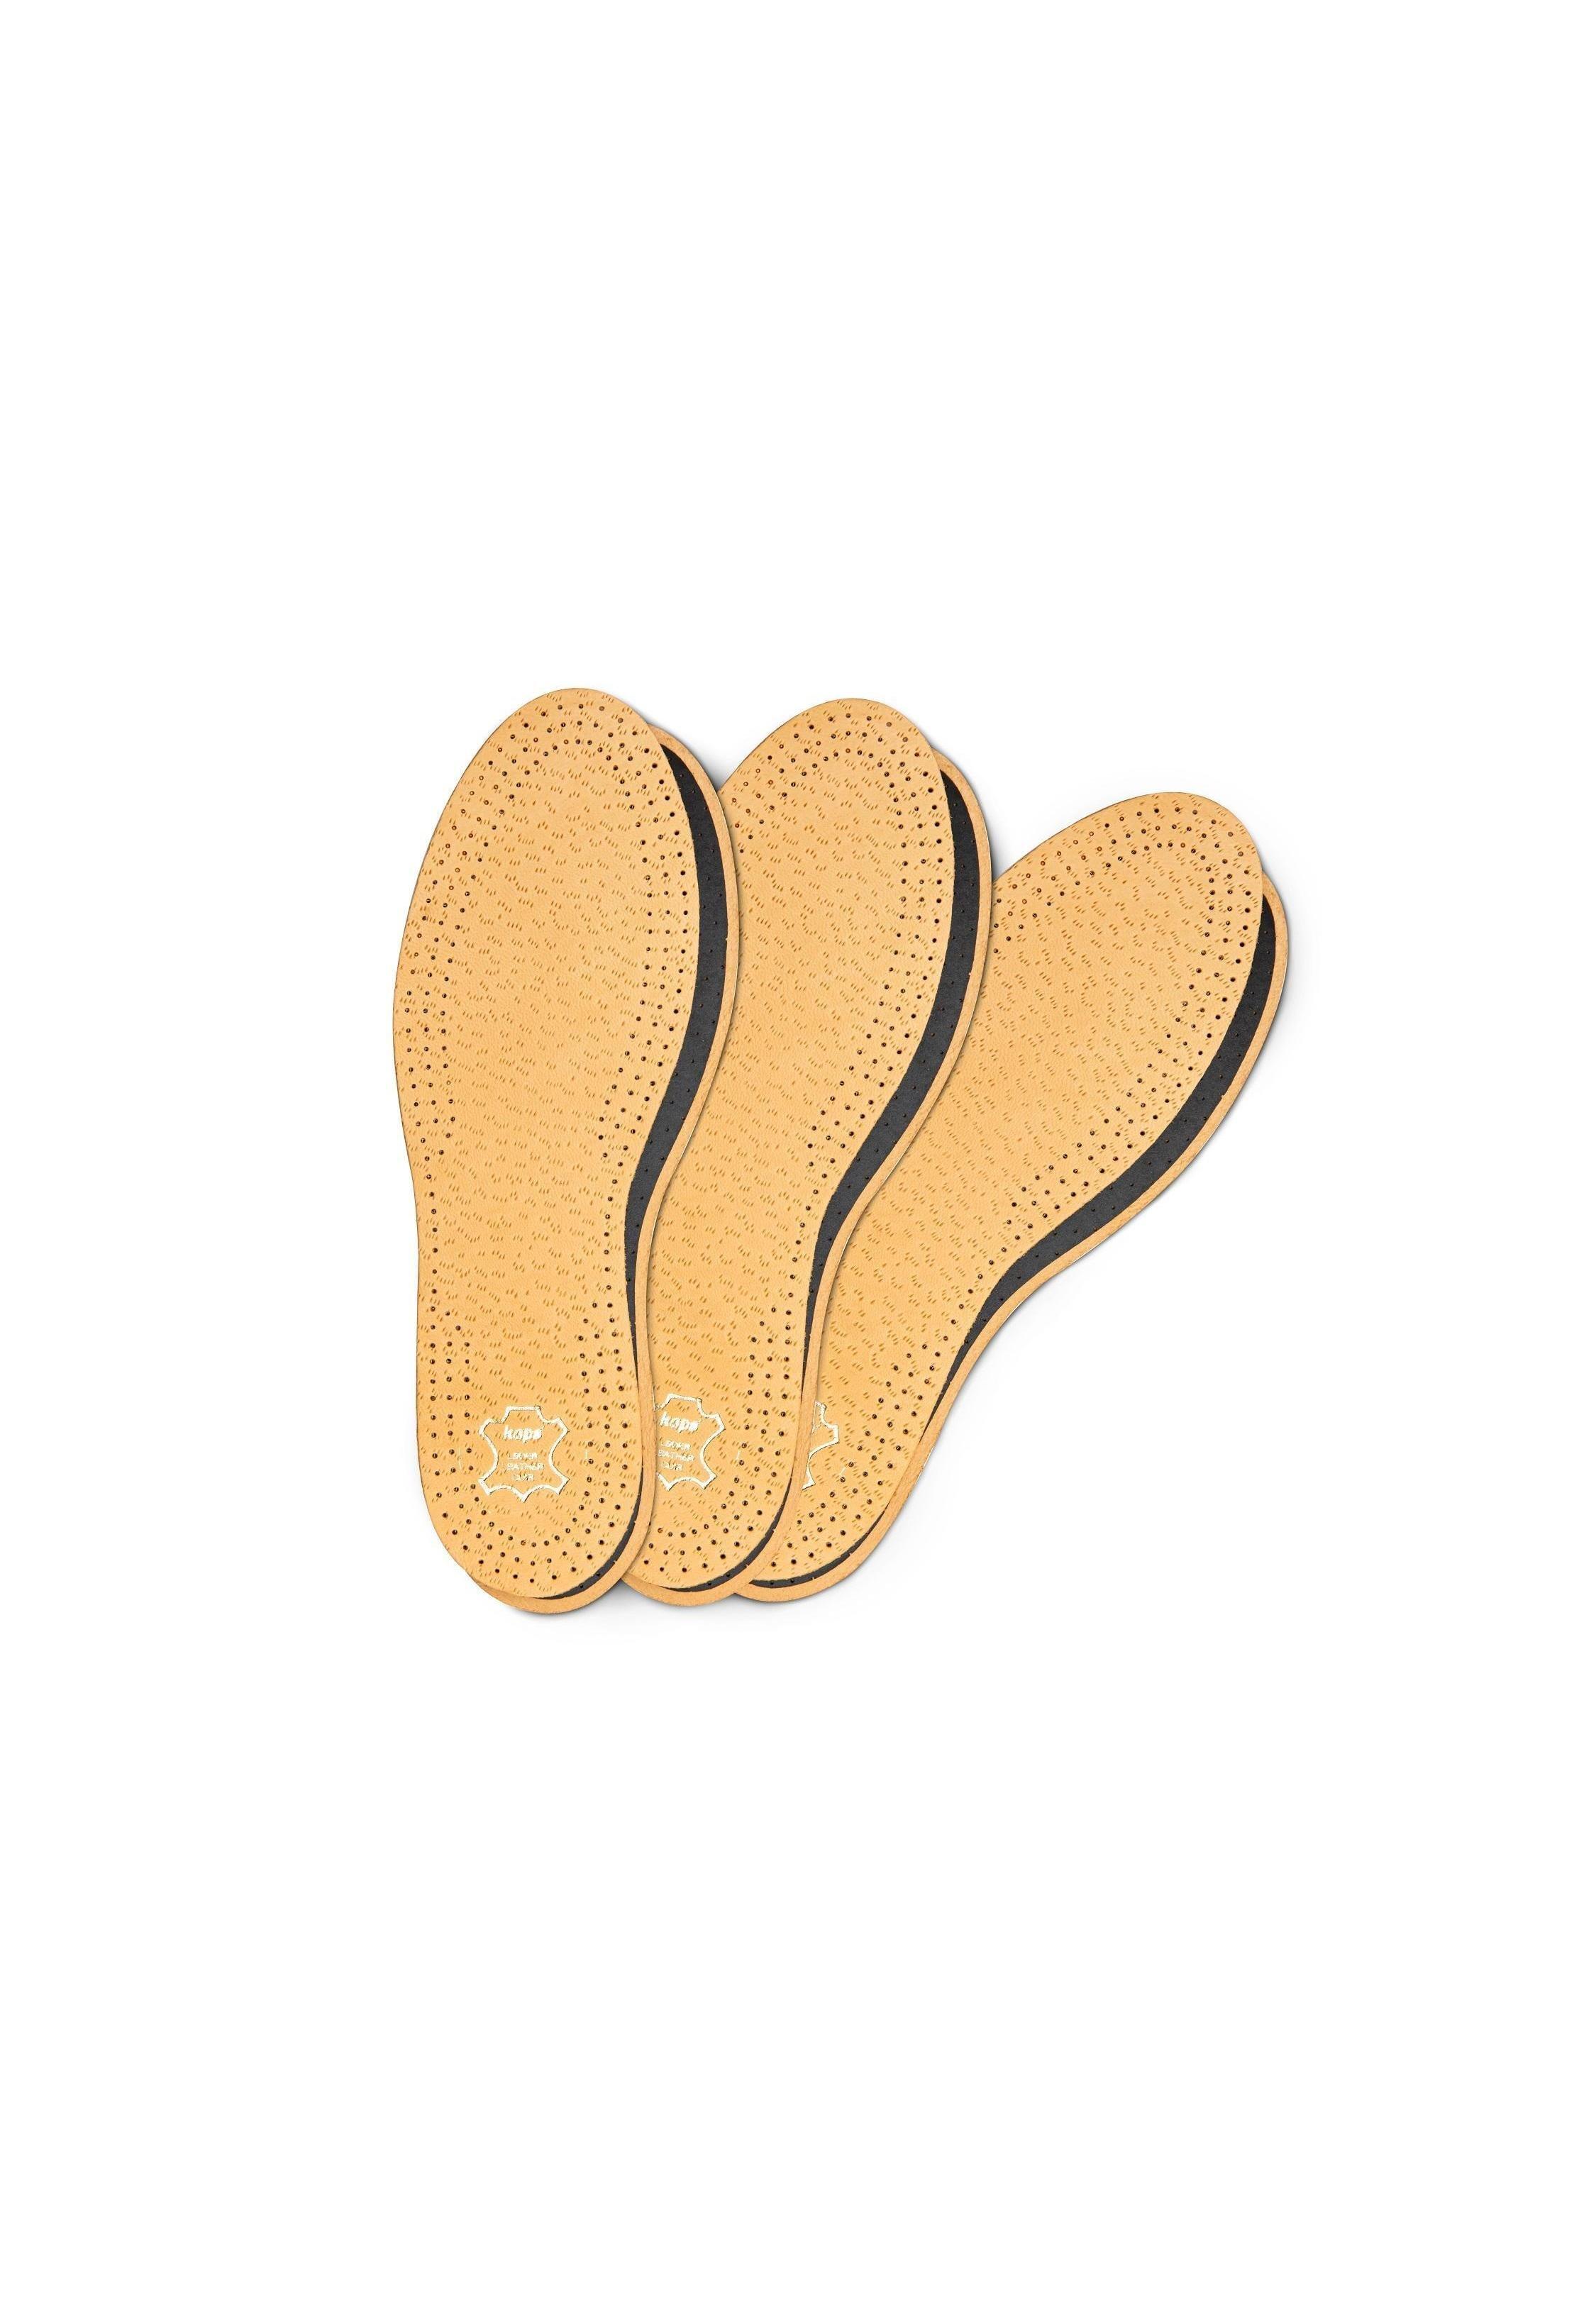 Herren 3 PAIR PACK  - Schuhsohle/Fußbett